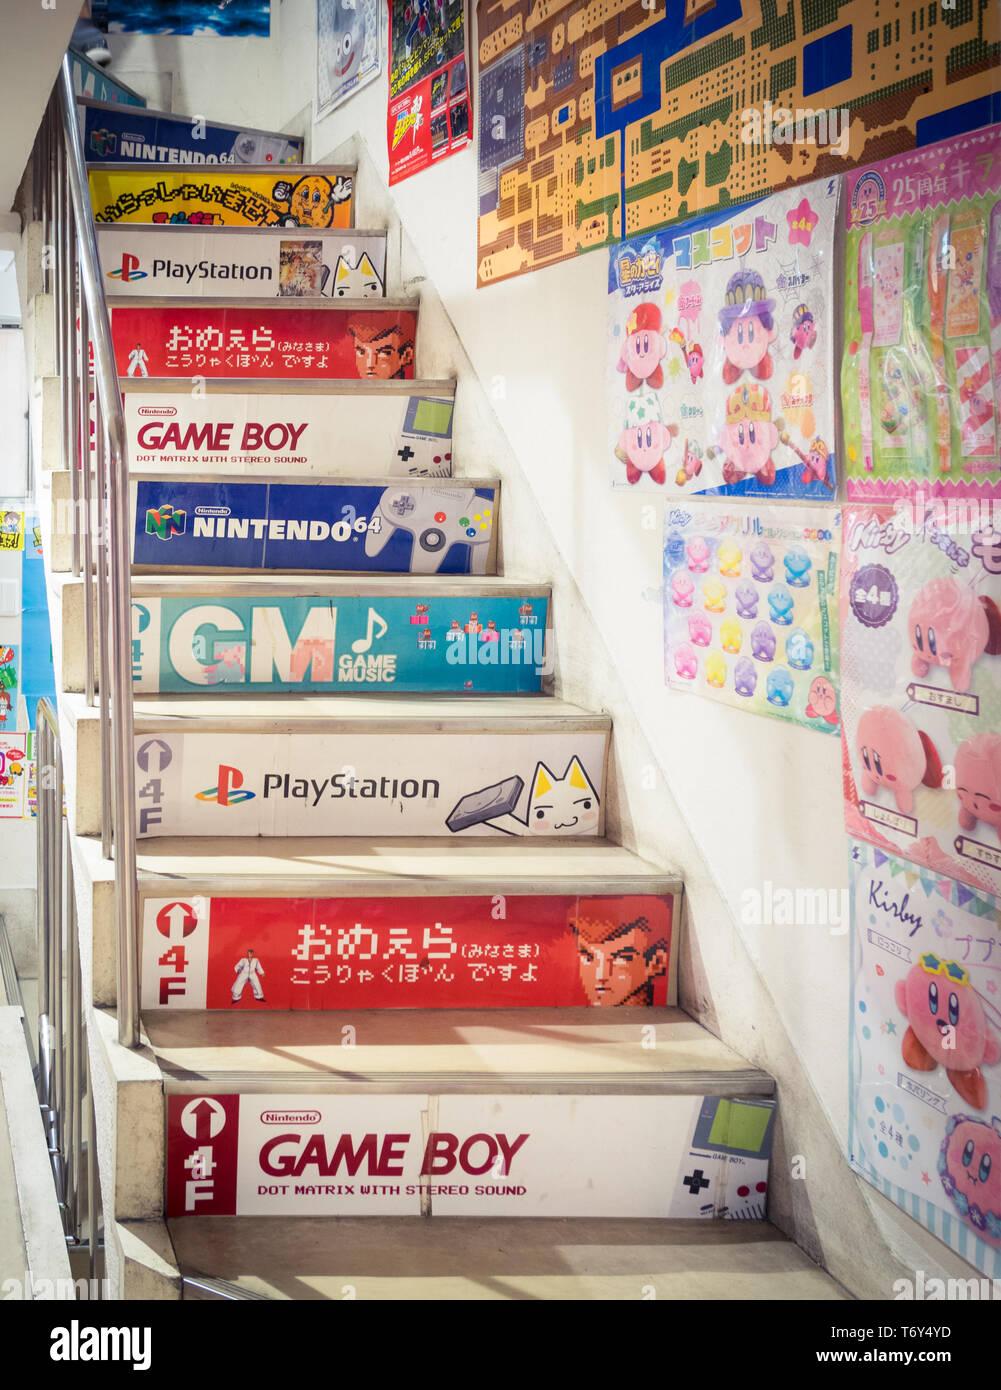 Jusqu'à l'escalier le célèbre magasin de jeu vidéo rétro, Super Potato Retro-kan, situé dans le quartier de Akihabara Electric Town, Tokyo, Japon. Photo Stock